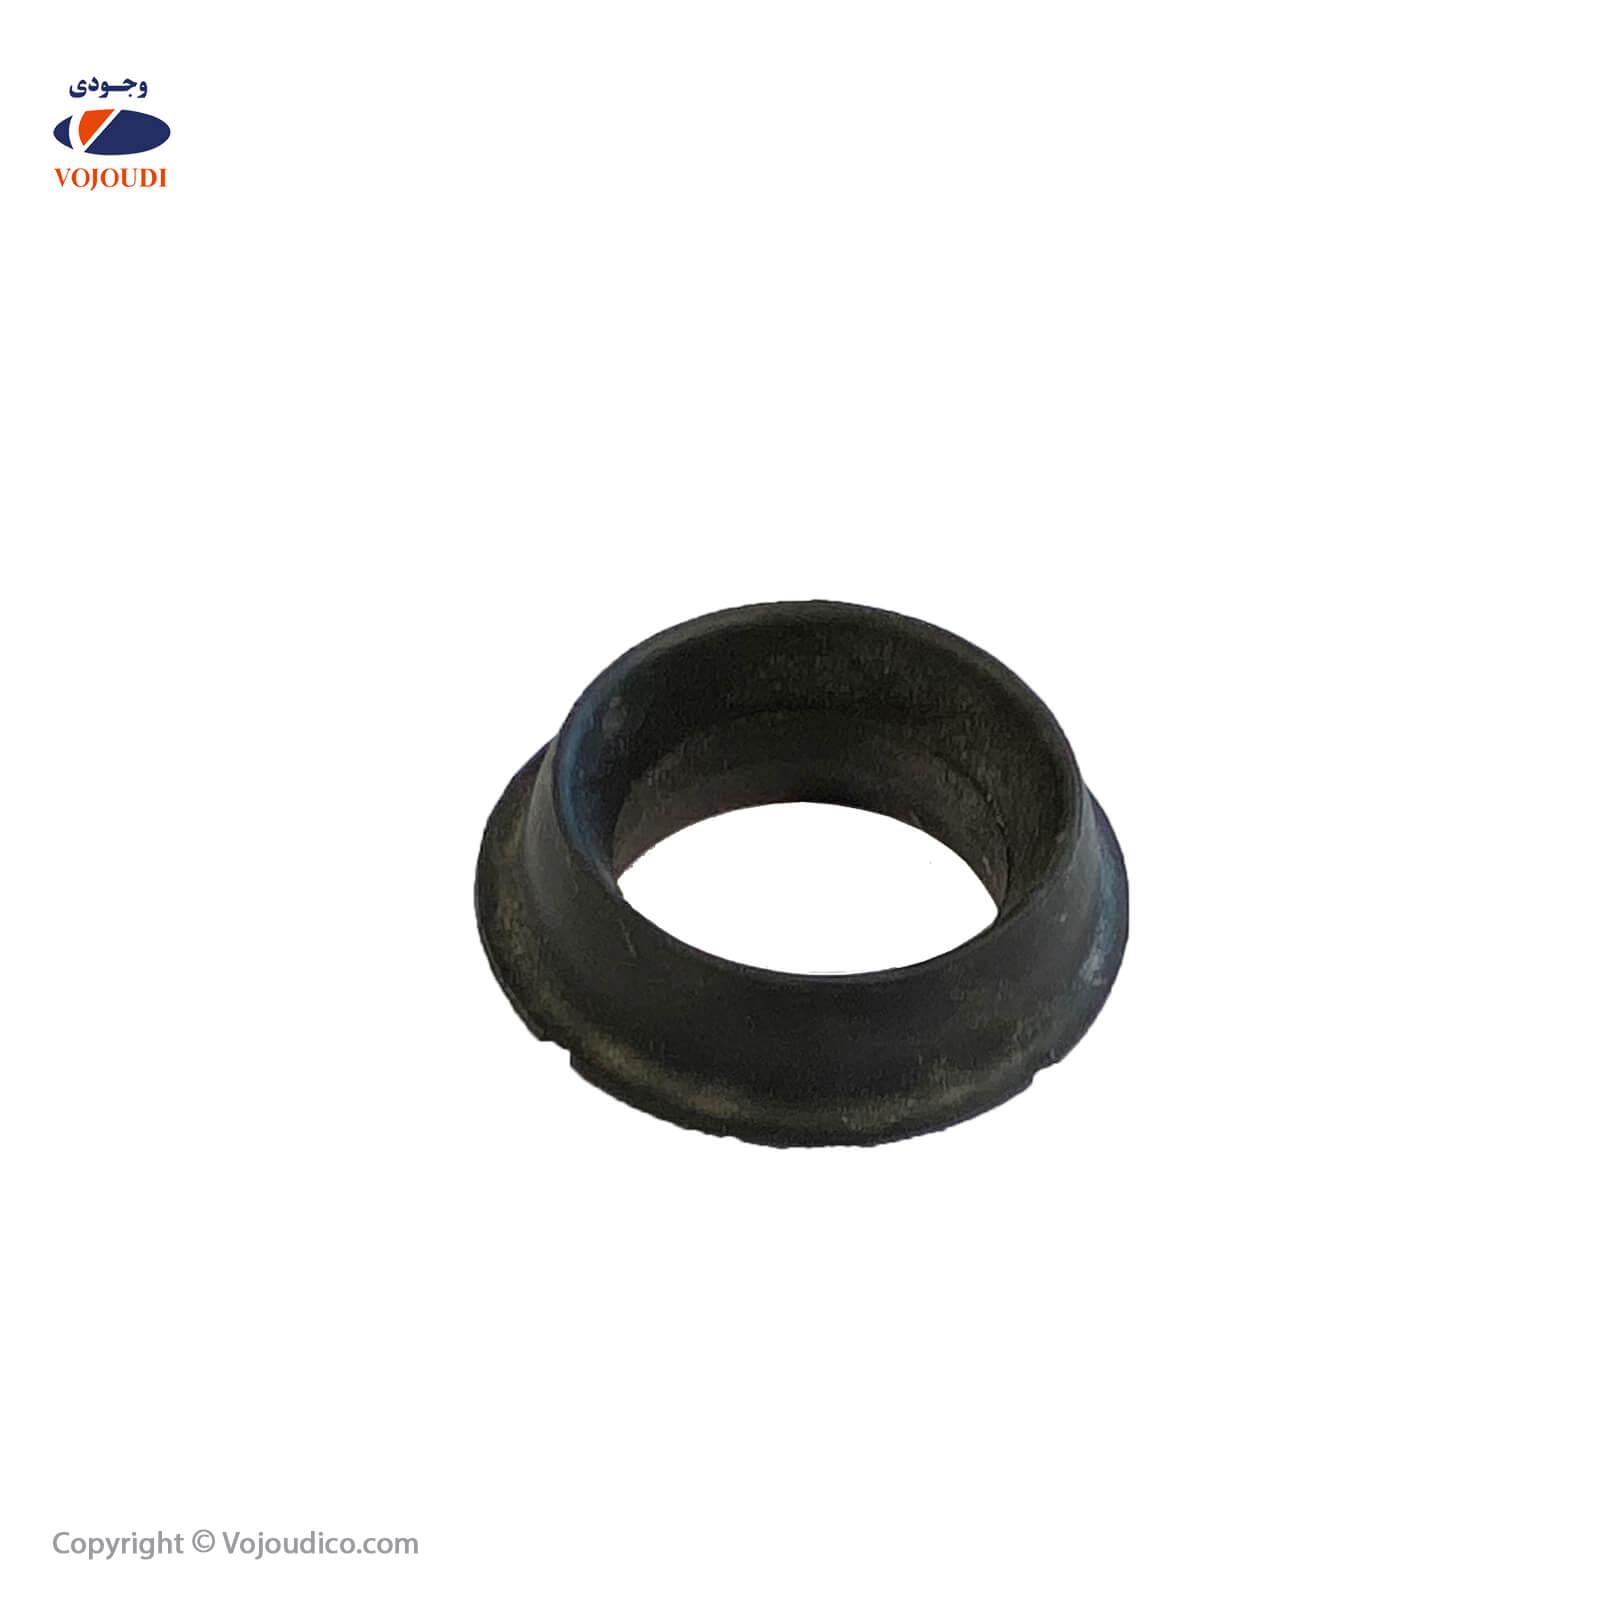 3167 2 - لاستیک بدون فلز توپی سرکمک وجودی کد 3167 مناسب برای 405-GL ، تعداد بسته : 80 عدد